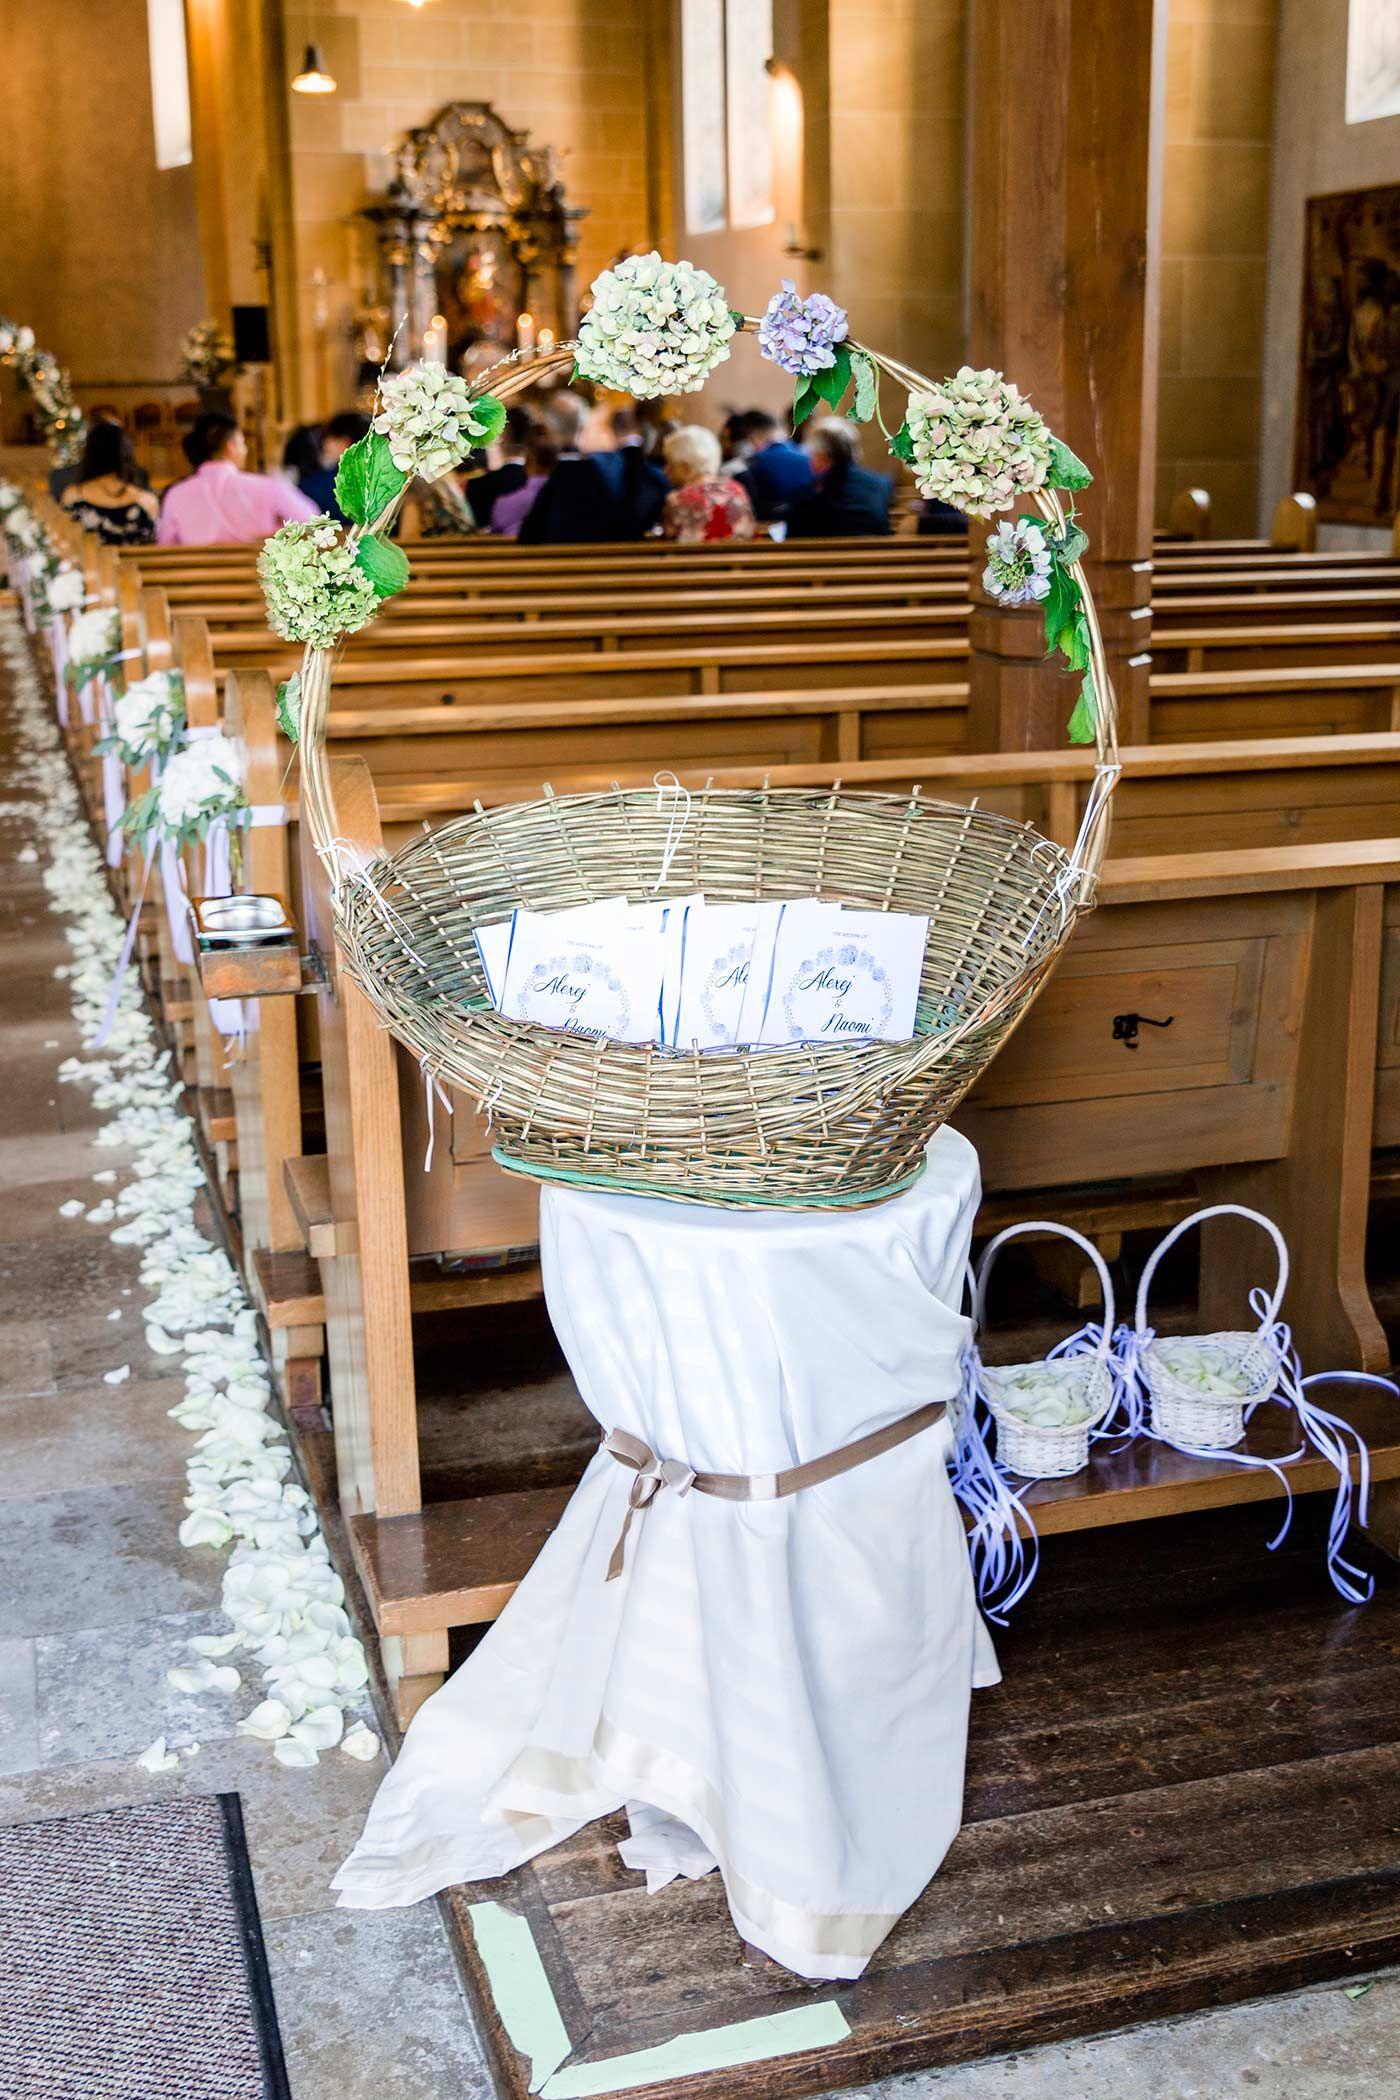 Coole Dekoidee für das Kirchenheft zur Hochzeit - so können sich eure Gäste am Eingang direkt bedienen. Weitere hilfreiche Tipps & Ideen findet ihr in unserem ausführlichen Ratgeber... © Sonja Schulz #decorationeglise